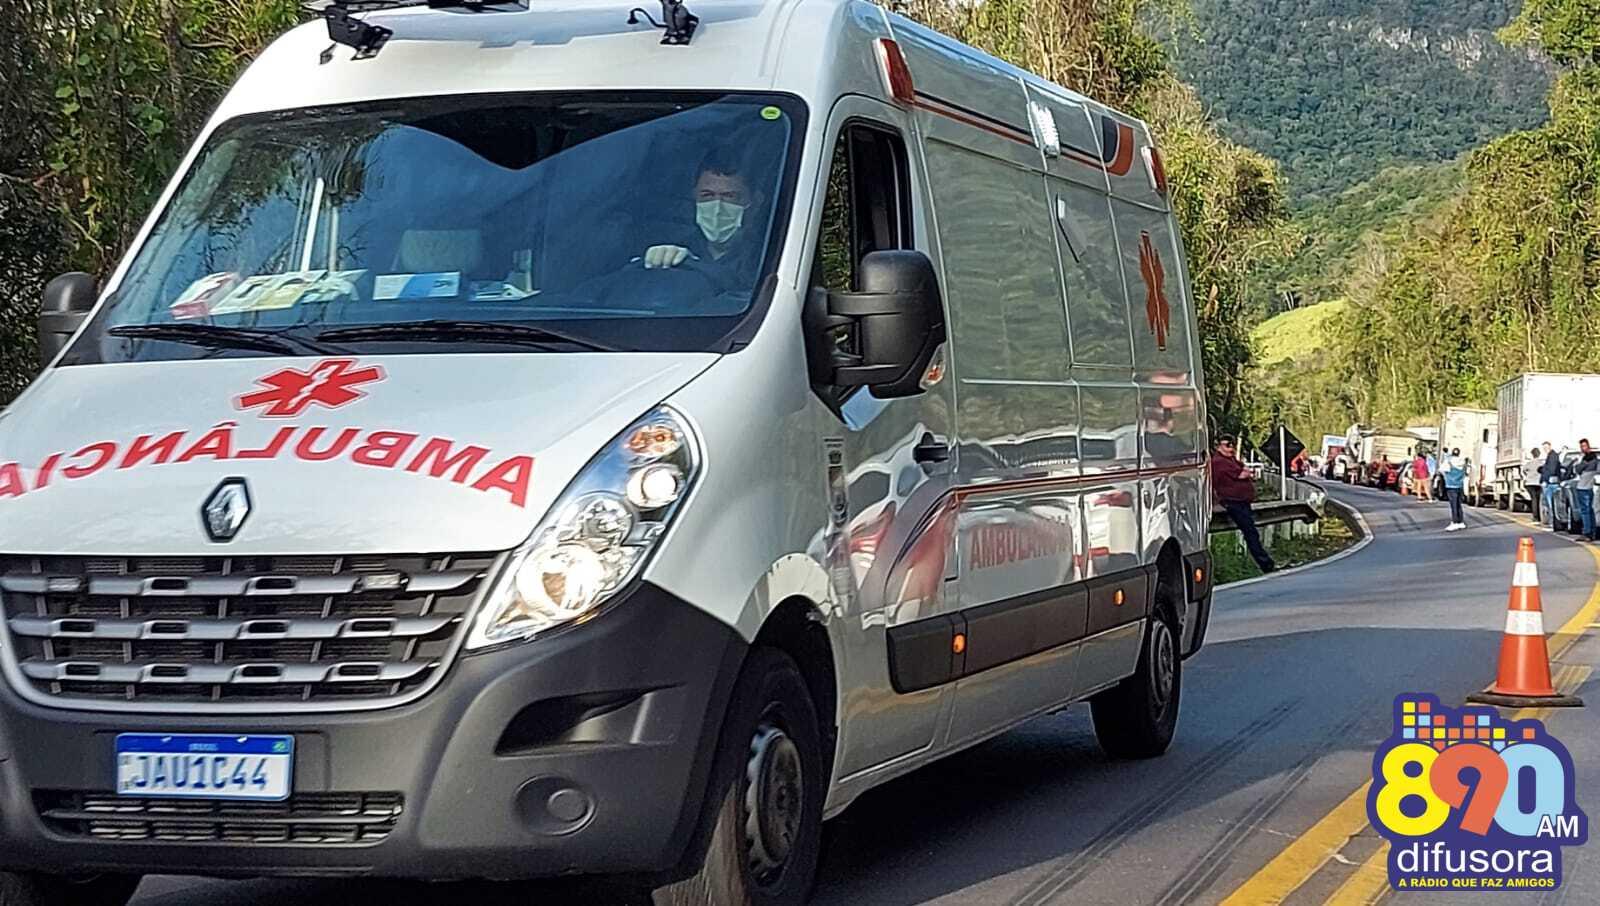 Motociclista fica ferido em acidente na BR-470, Serra das Antas, em Bento